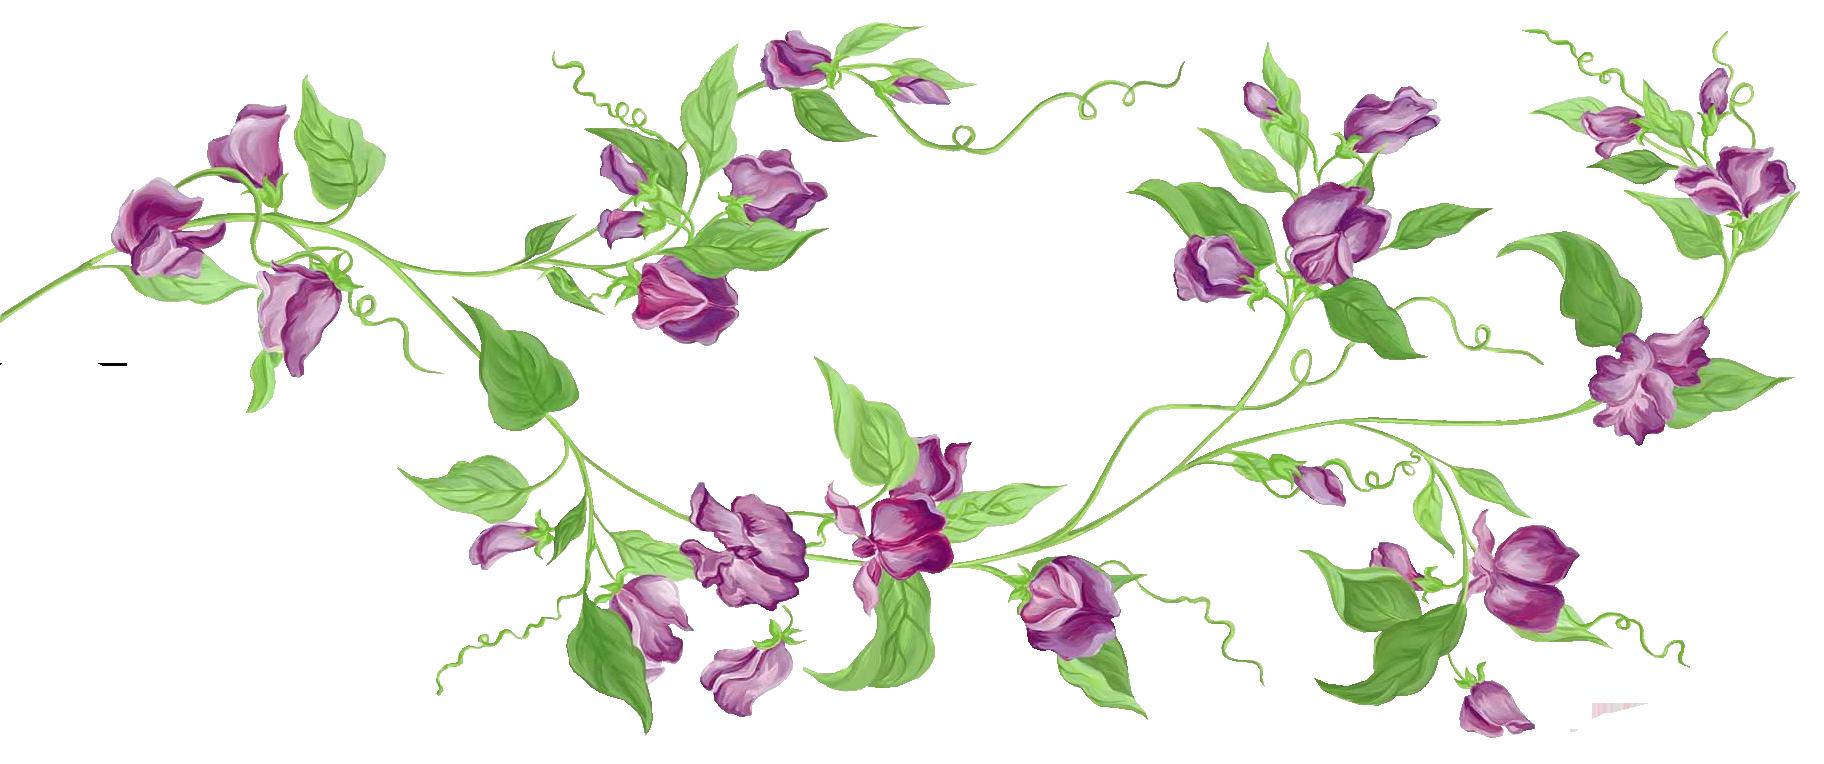 Element clipart floral decoration Floral Clipart Floral Free Transparent